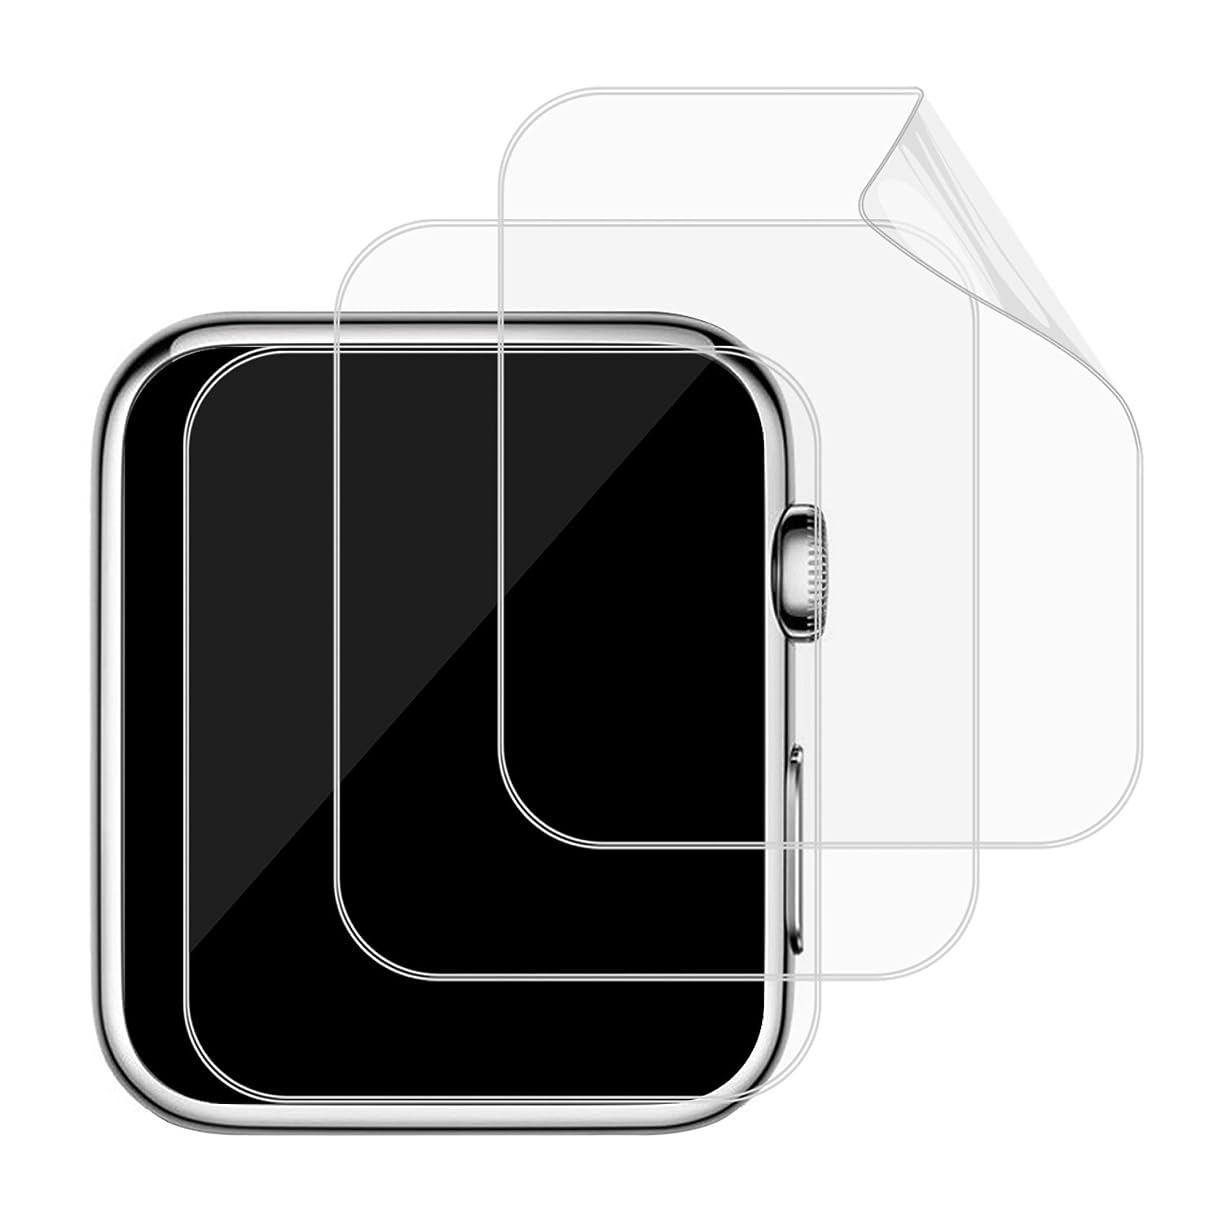 抑制誤解させるモトリーJEDirect Apple Watch 用液晶保護フイルム 高透過率 HD画面 42mm Series 1 2 3対応 3枚入り